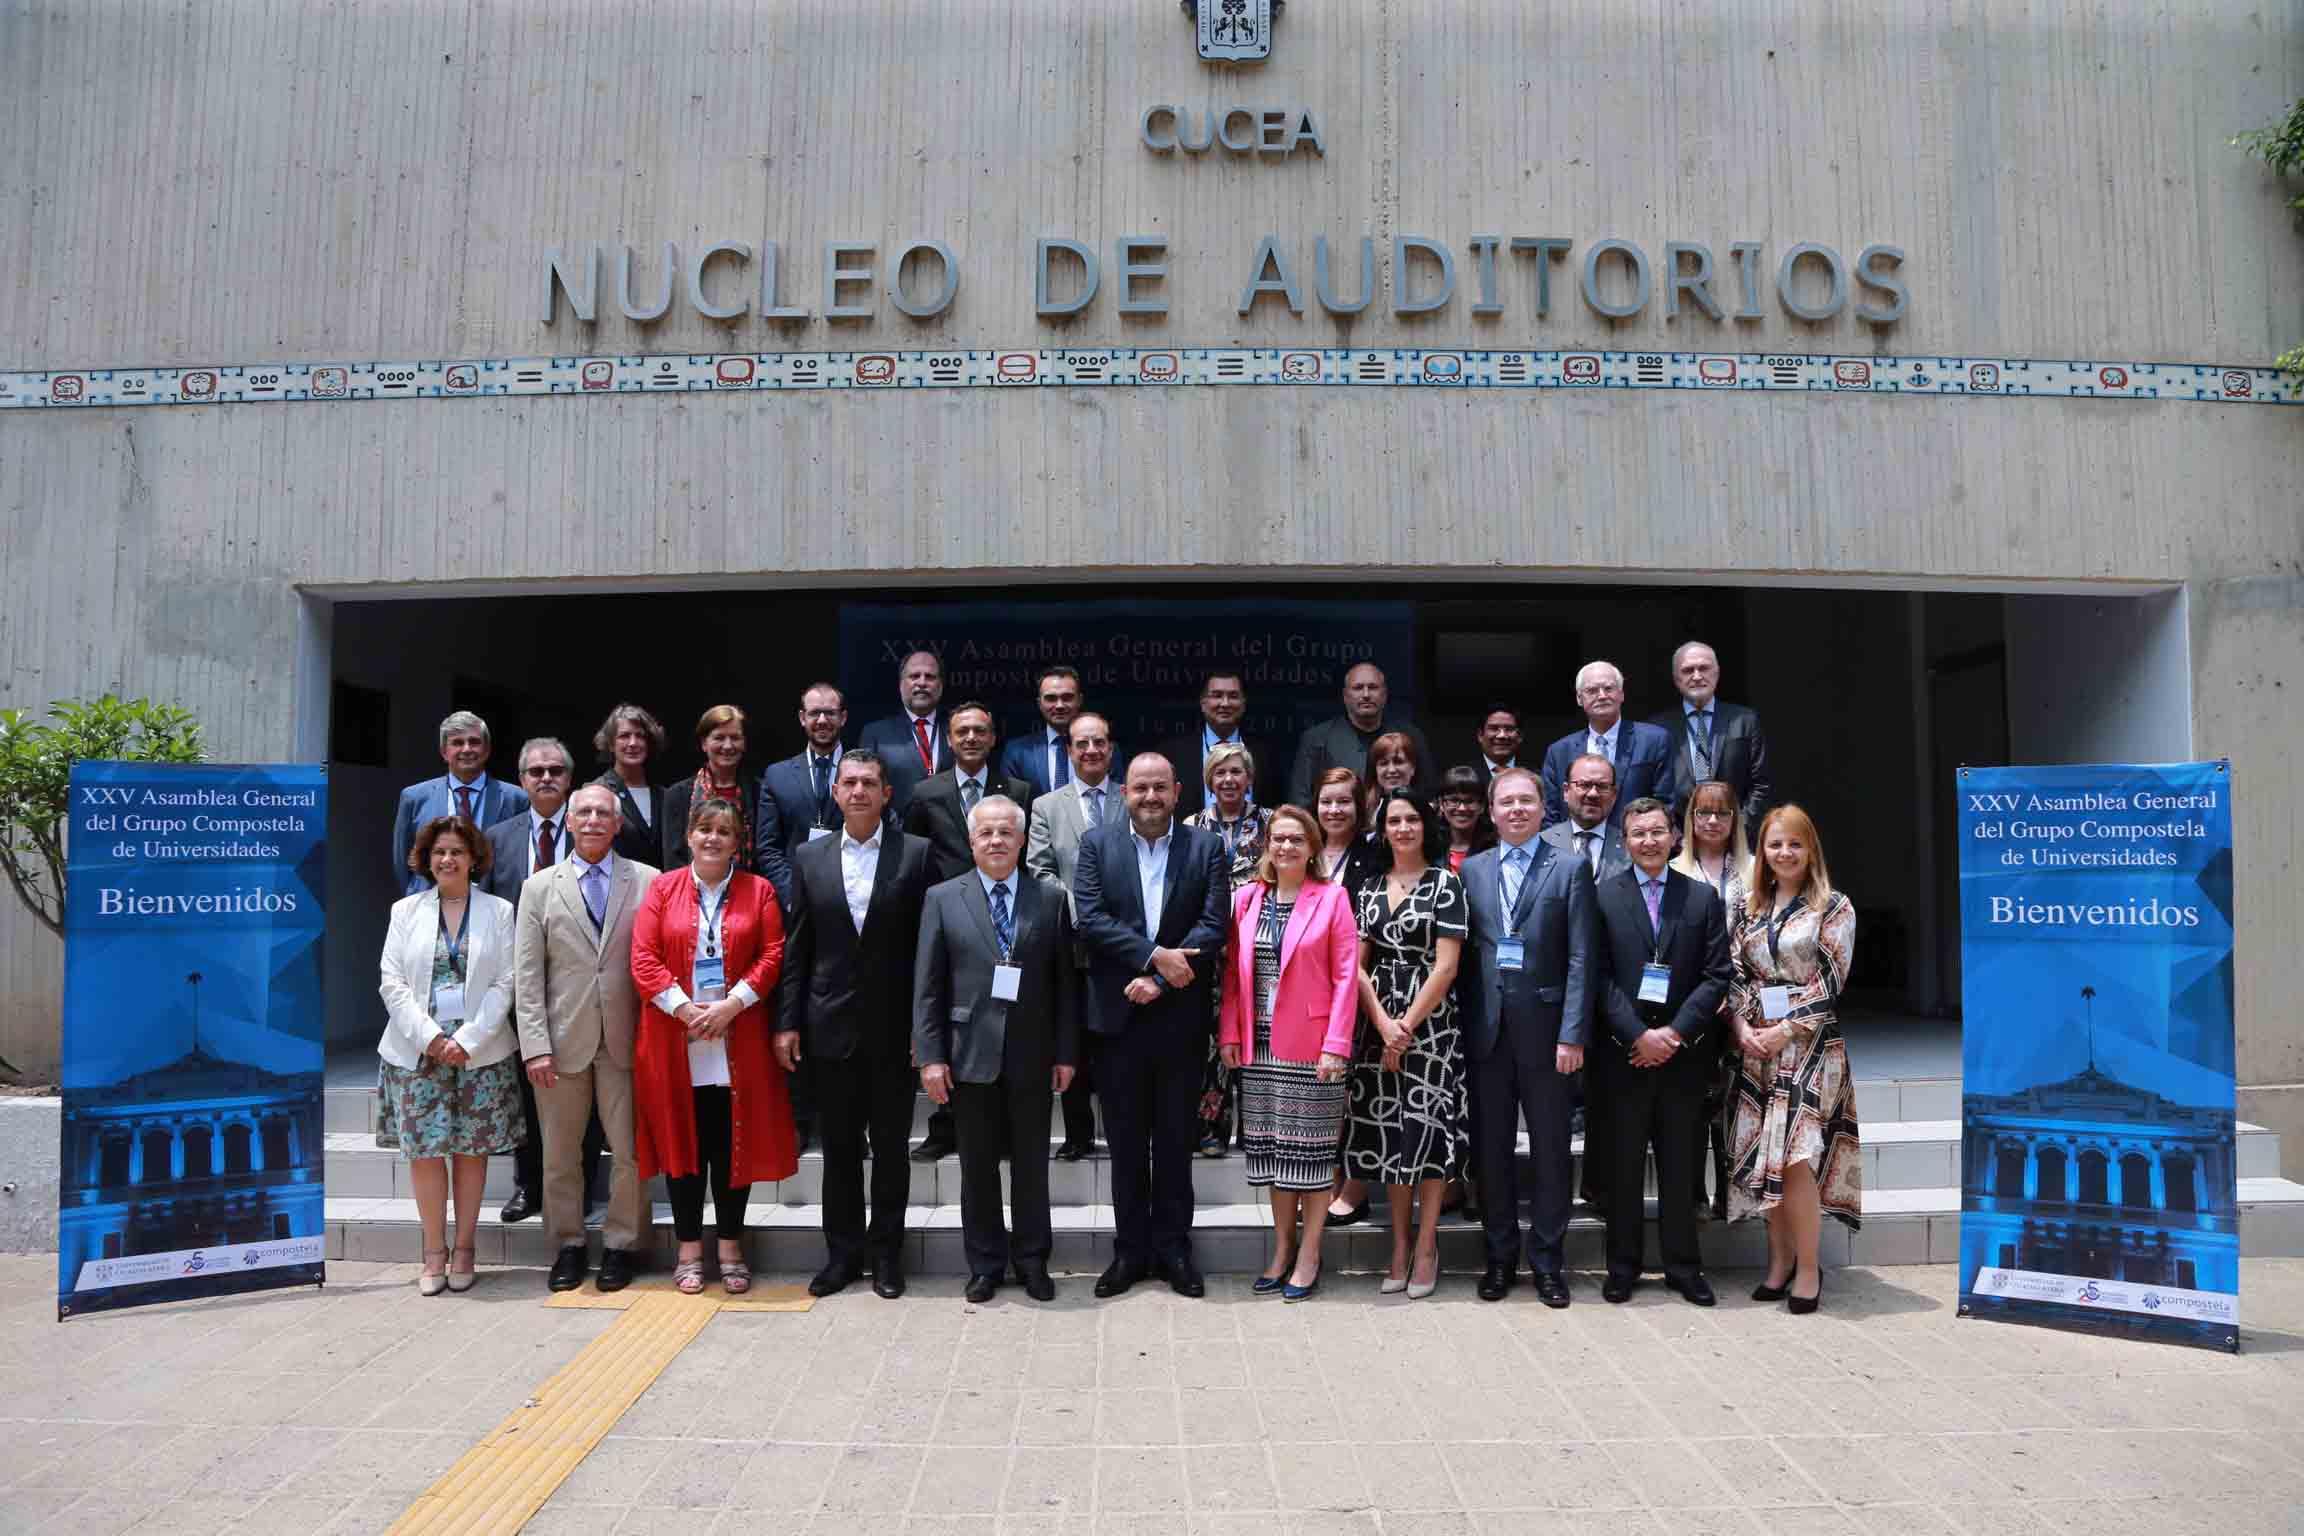 Representantes de instituciones de educación superior, participantes en la veinticincoava Asamblea General del Grupo Compostela de Universidades, posando para toma de fotografía grupal